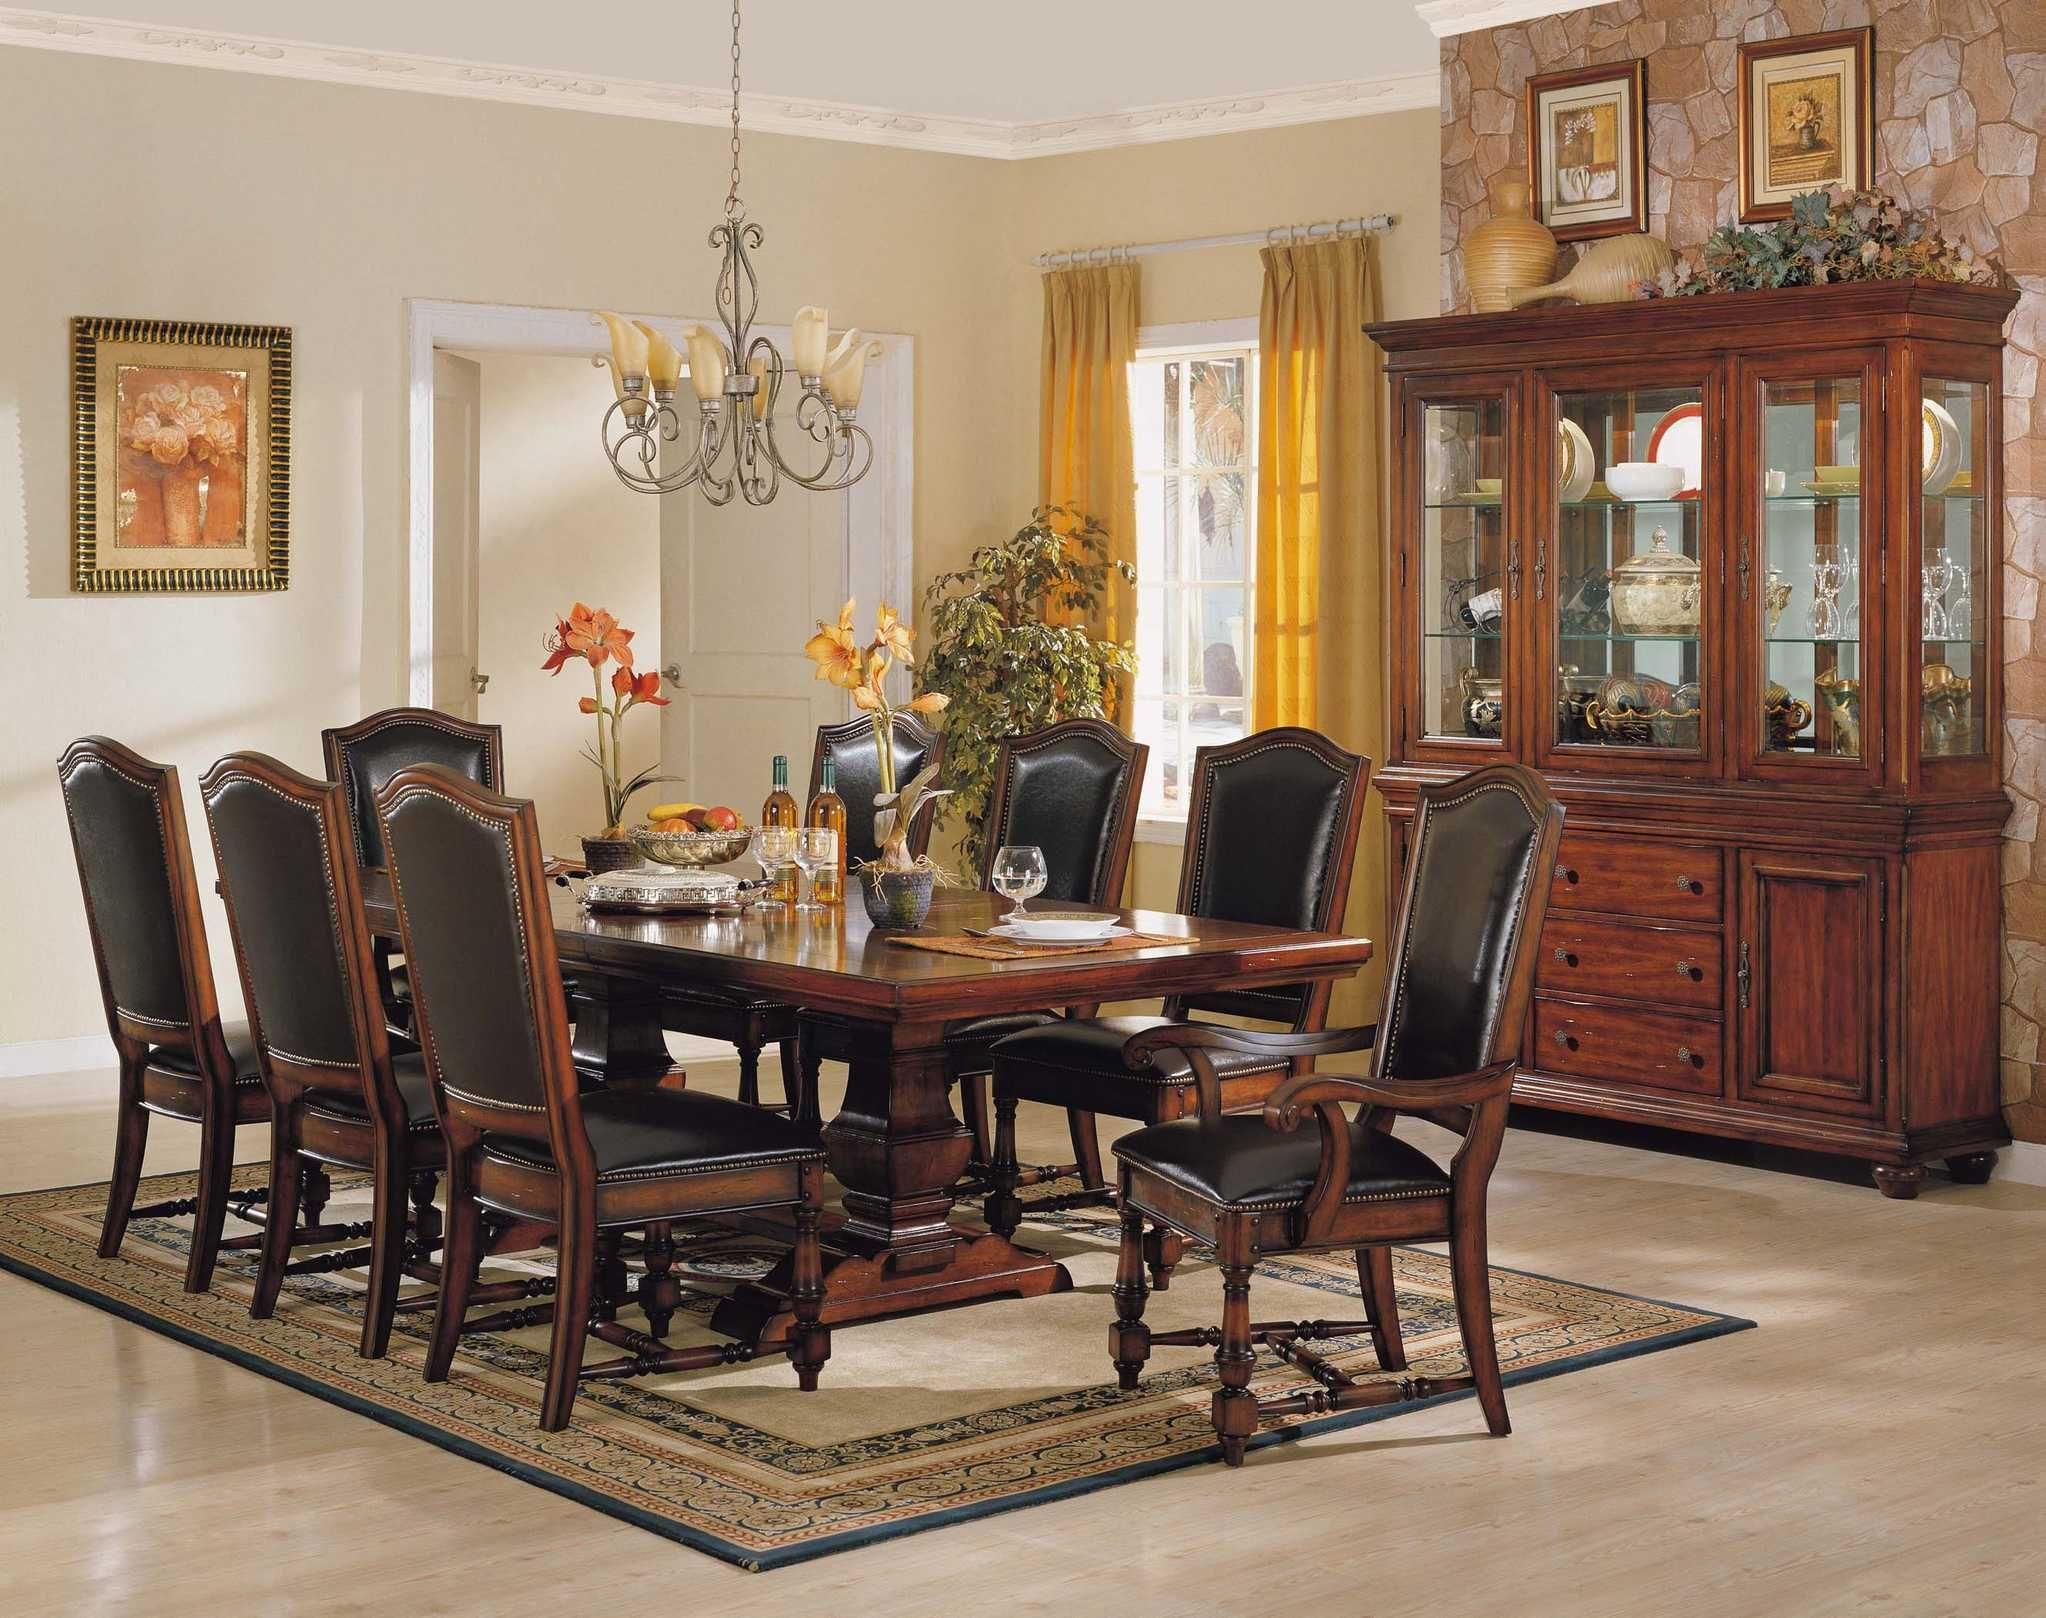 Leder Holz Stühlen   Dining room table set, Dark wood dining table ...